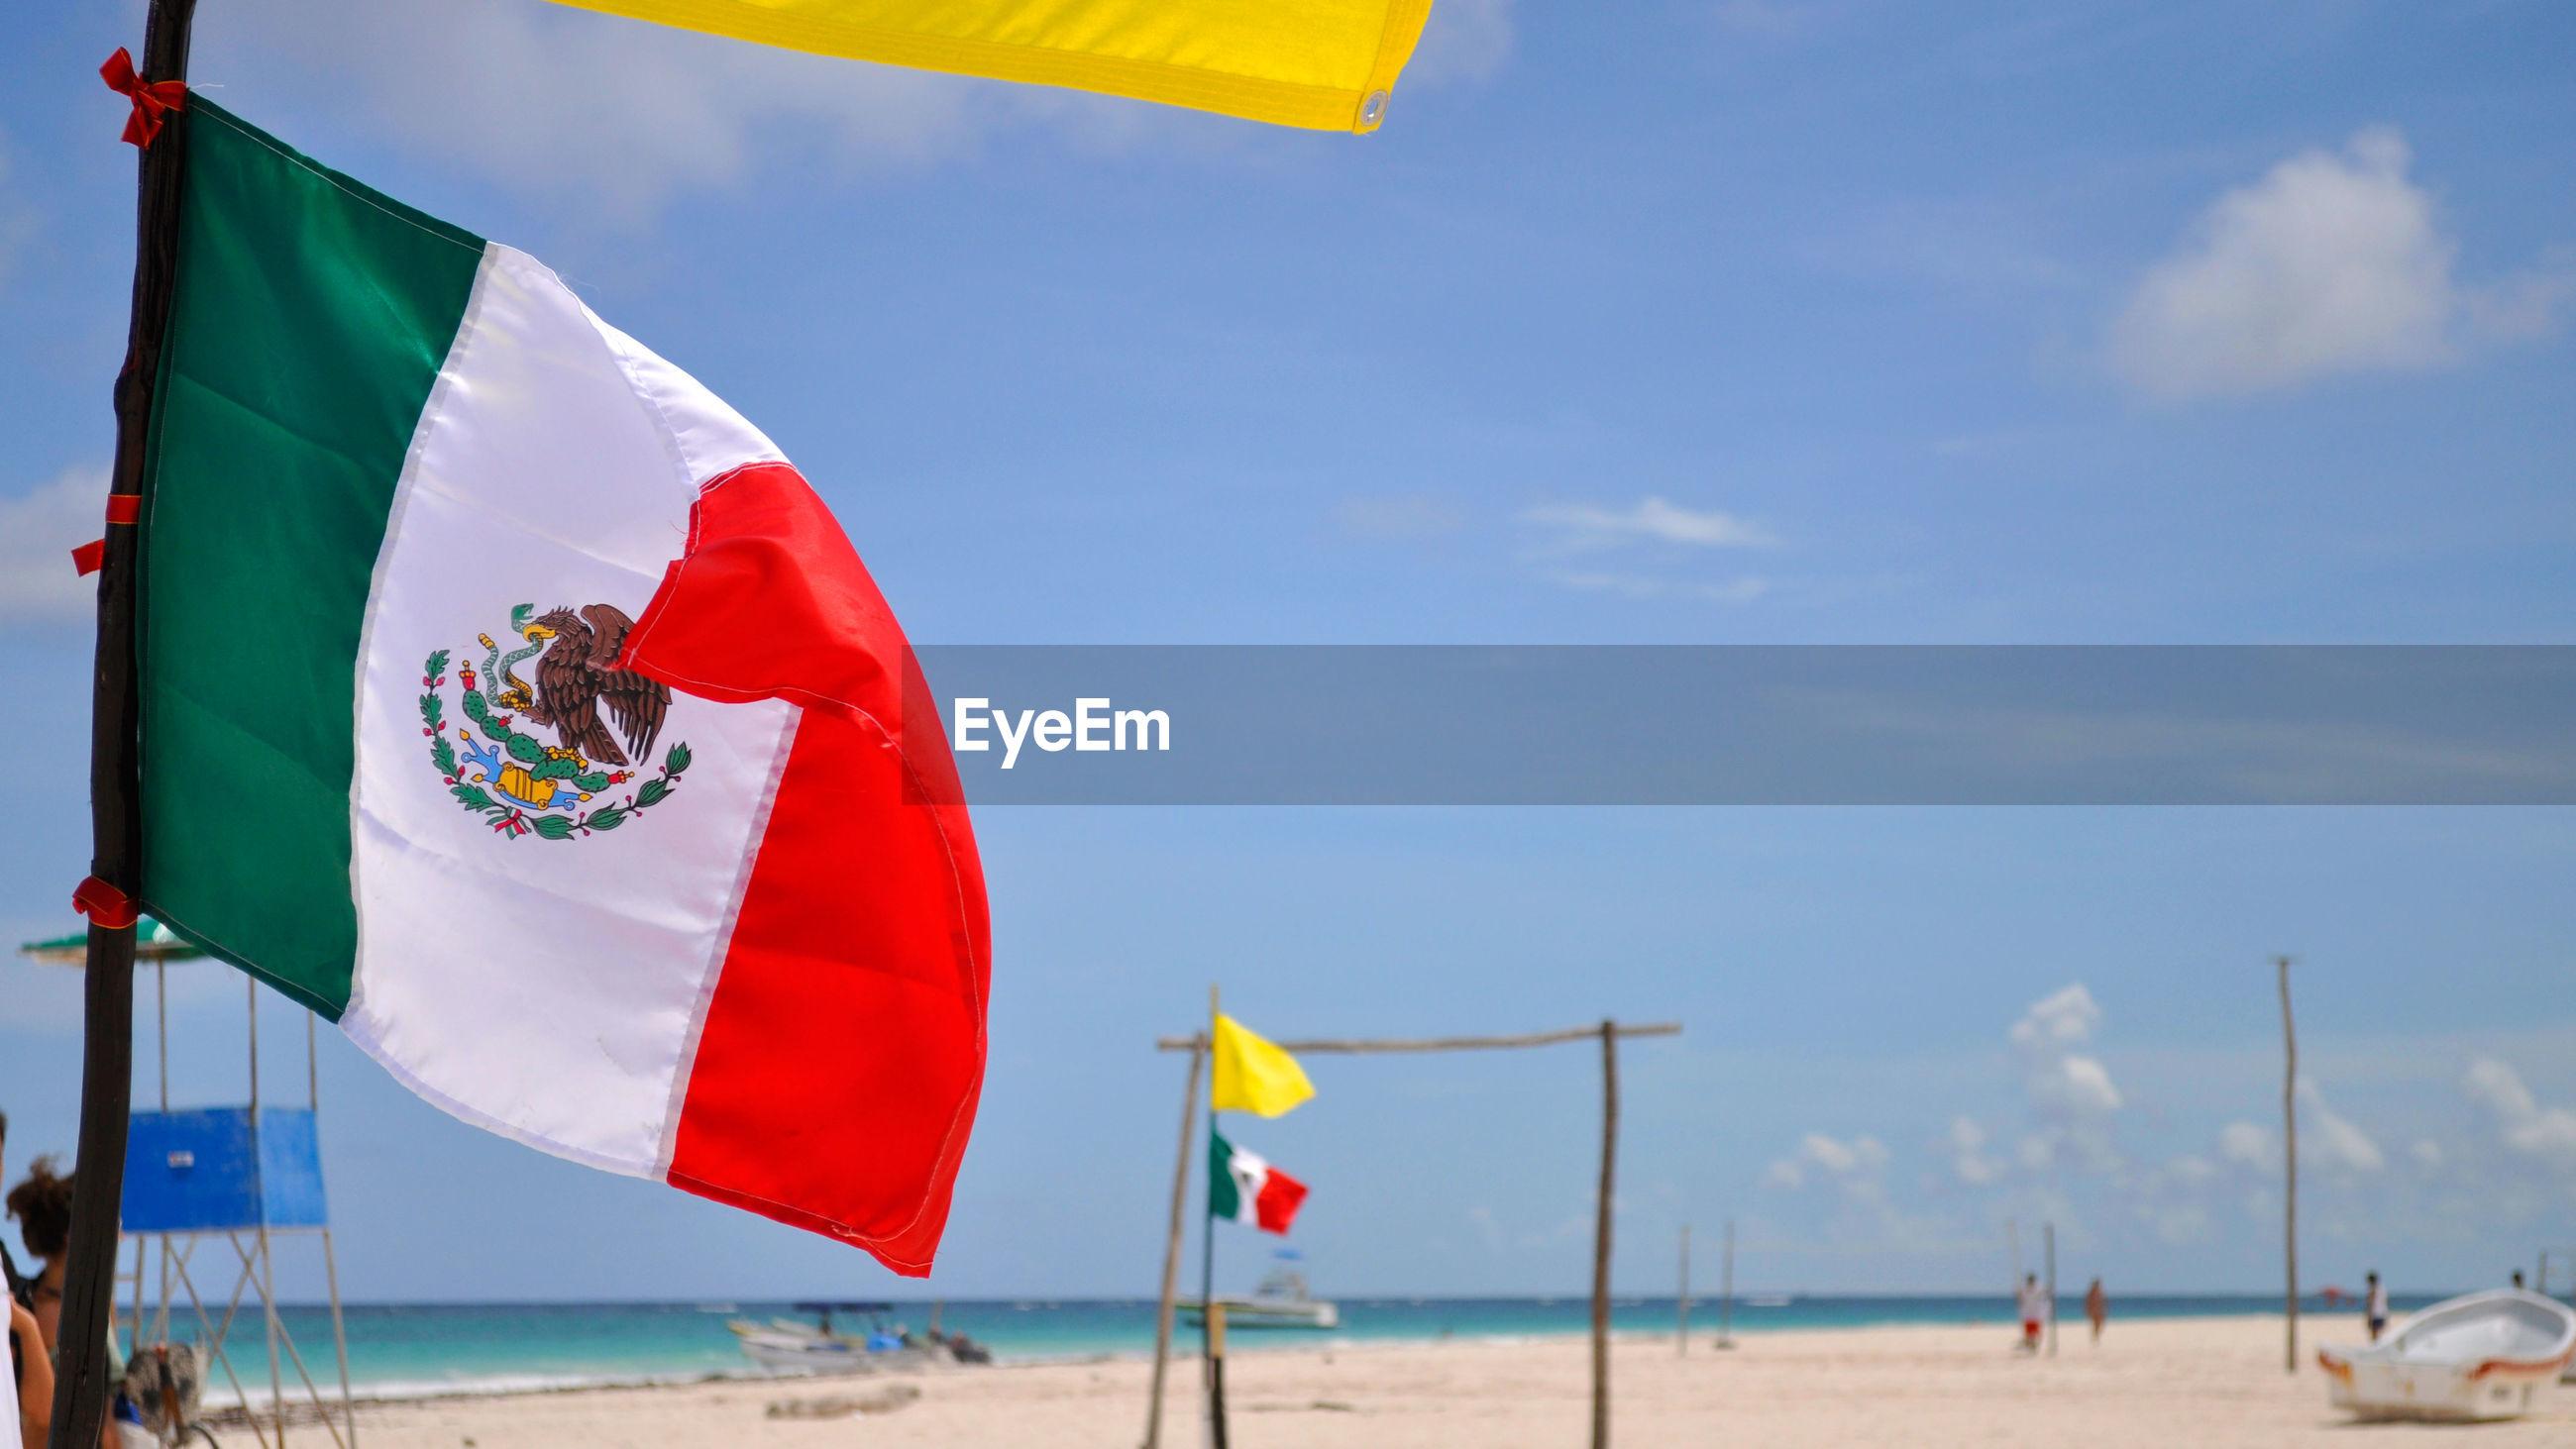 Mexican flag on beach against sky